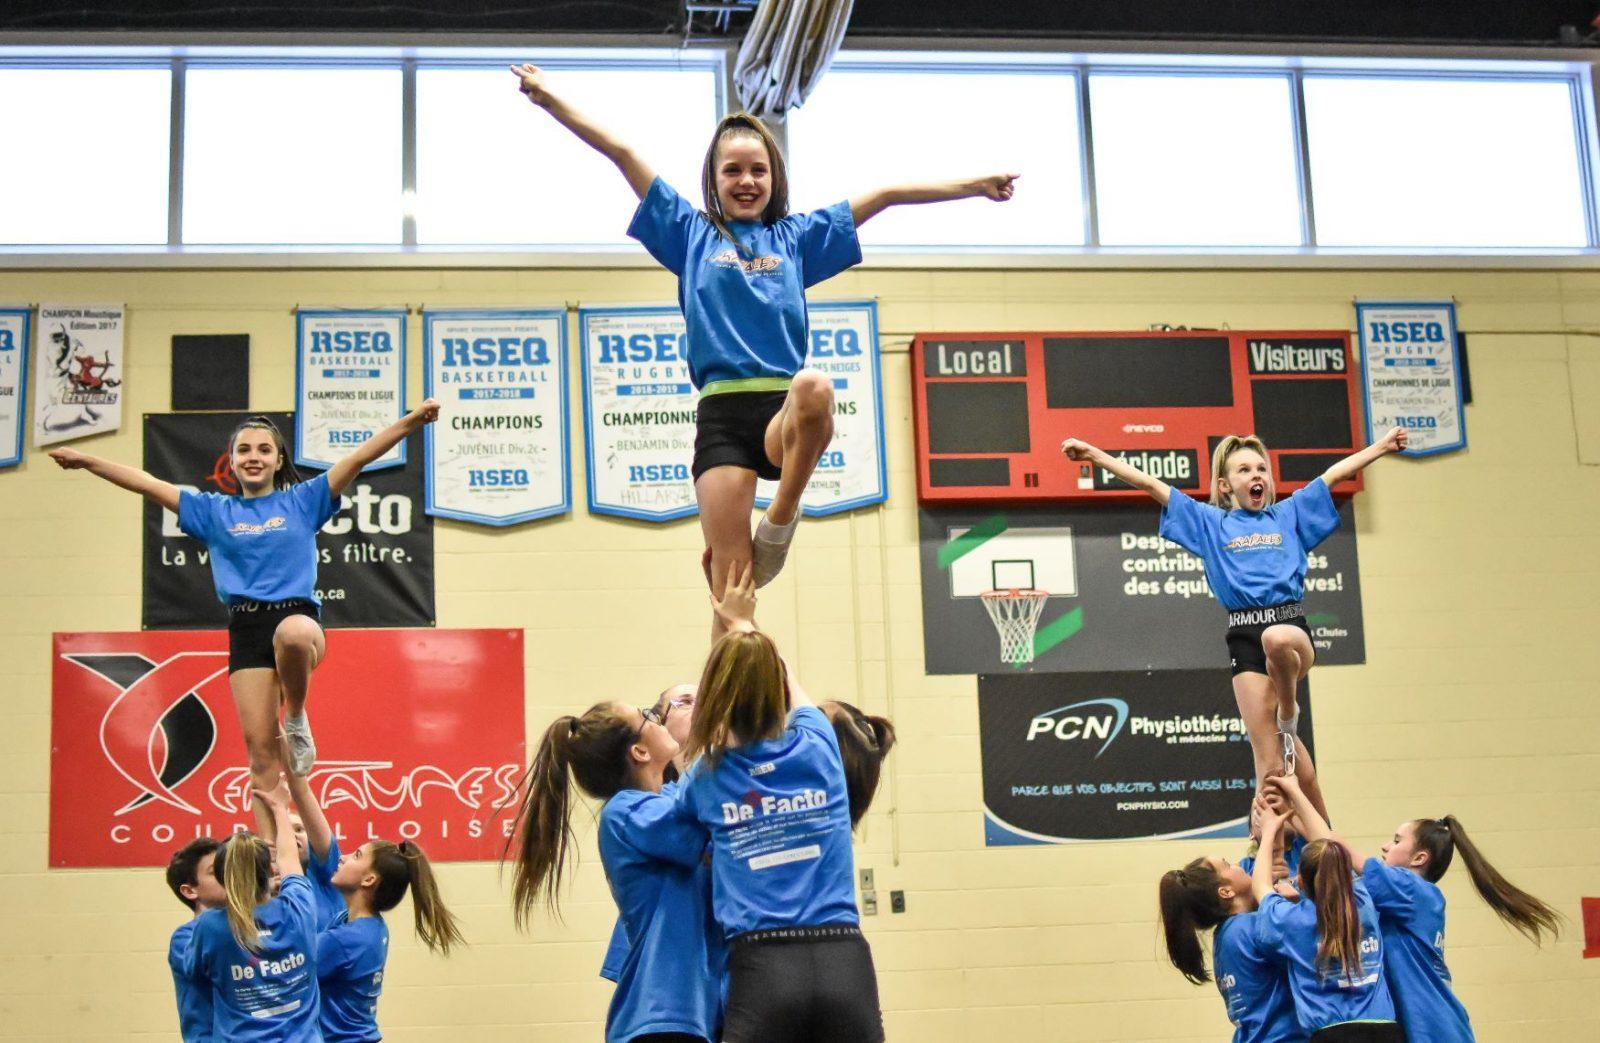 Belles présentations de nos équipes de cheerleading à Québec (vidéos)